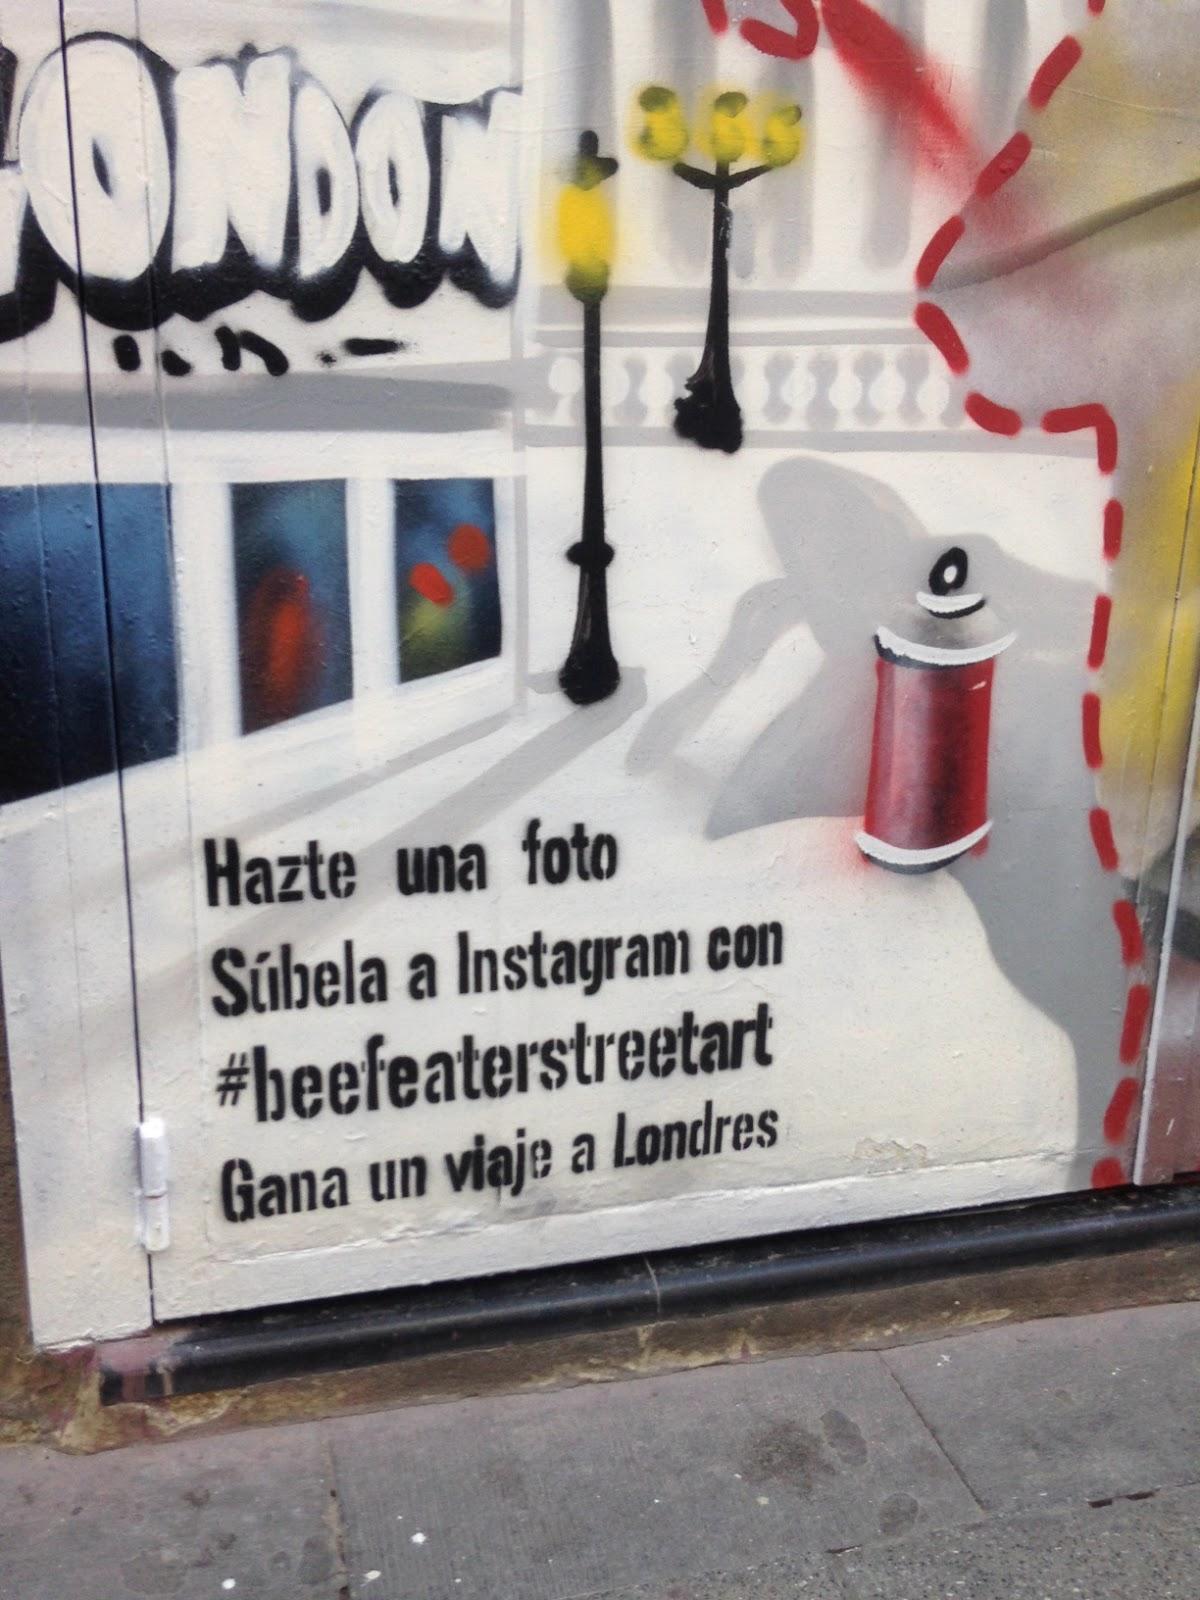 Quieres viajar a Londres   Pues simplemente tienes que encajar tu silueta  en unos de los dibujos que ha realizado Beefeater en cierres de comercios  de ... a2be790726e